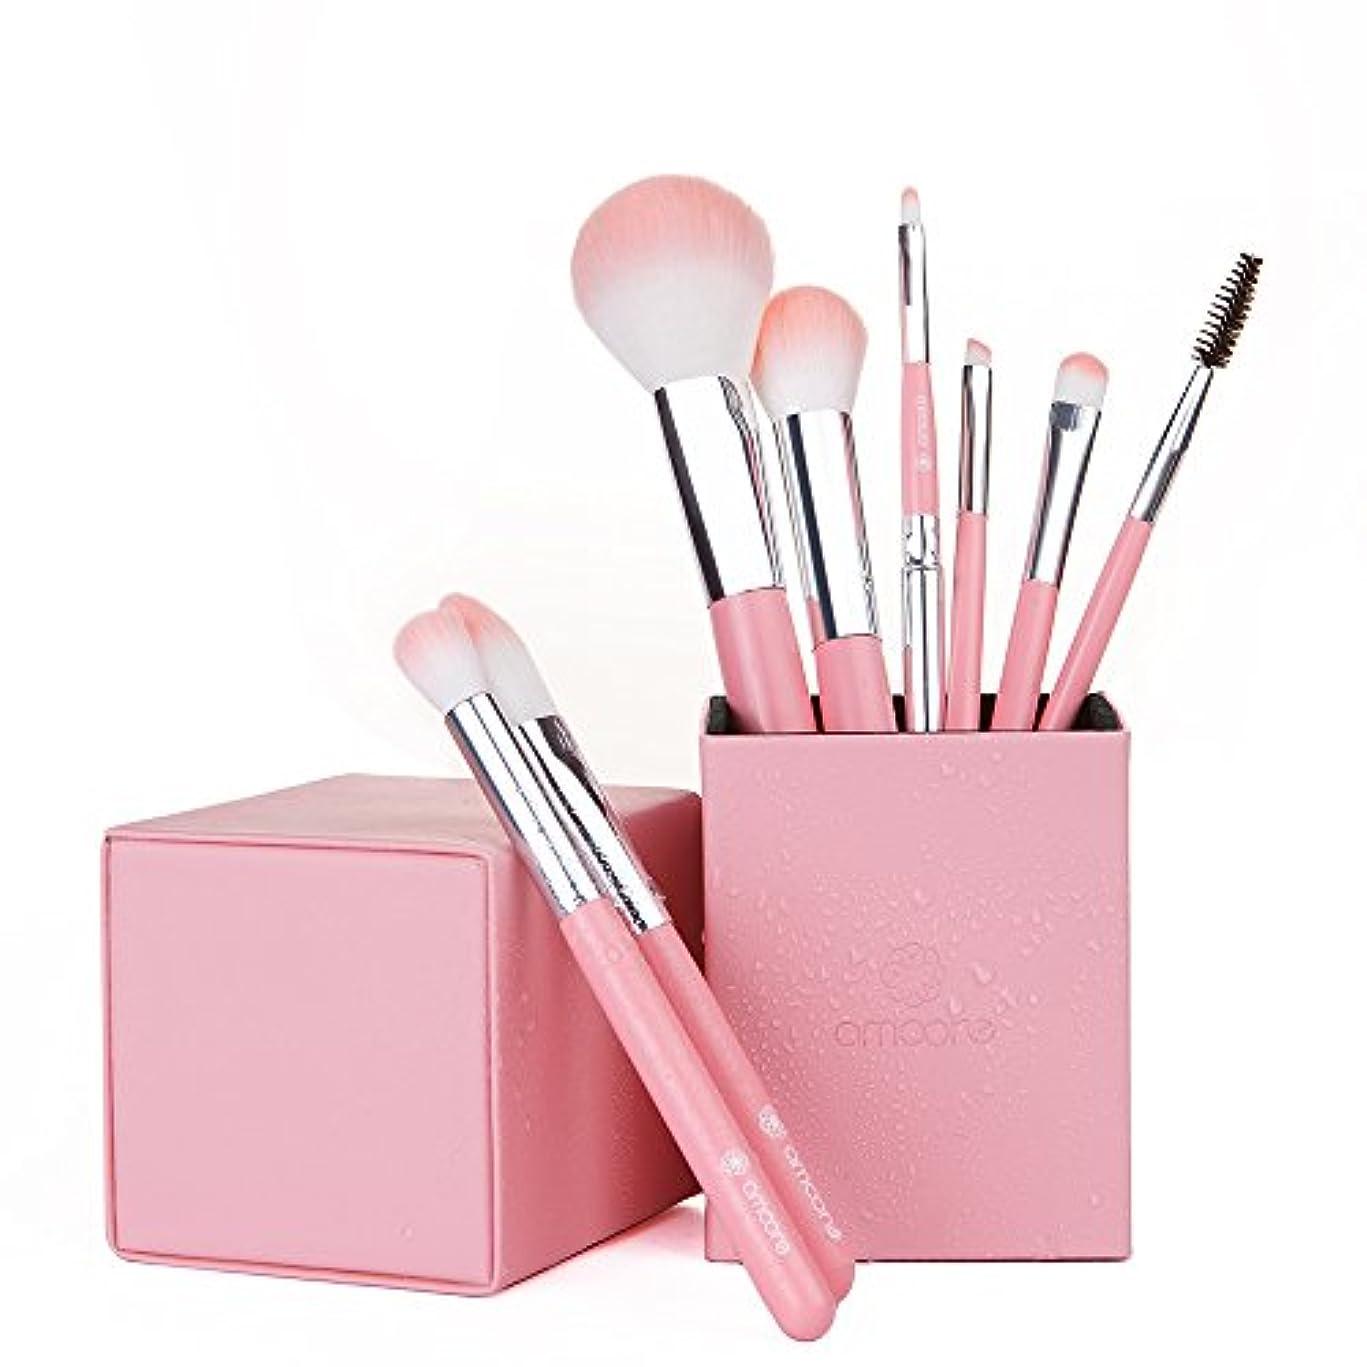 シーズン印刷するフラフープamoore 8本 化粧筆 メイクブラシセット 化粧ブラシ セット コスメ ブラシ 収納ケース付き (8本, ピンク)